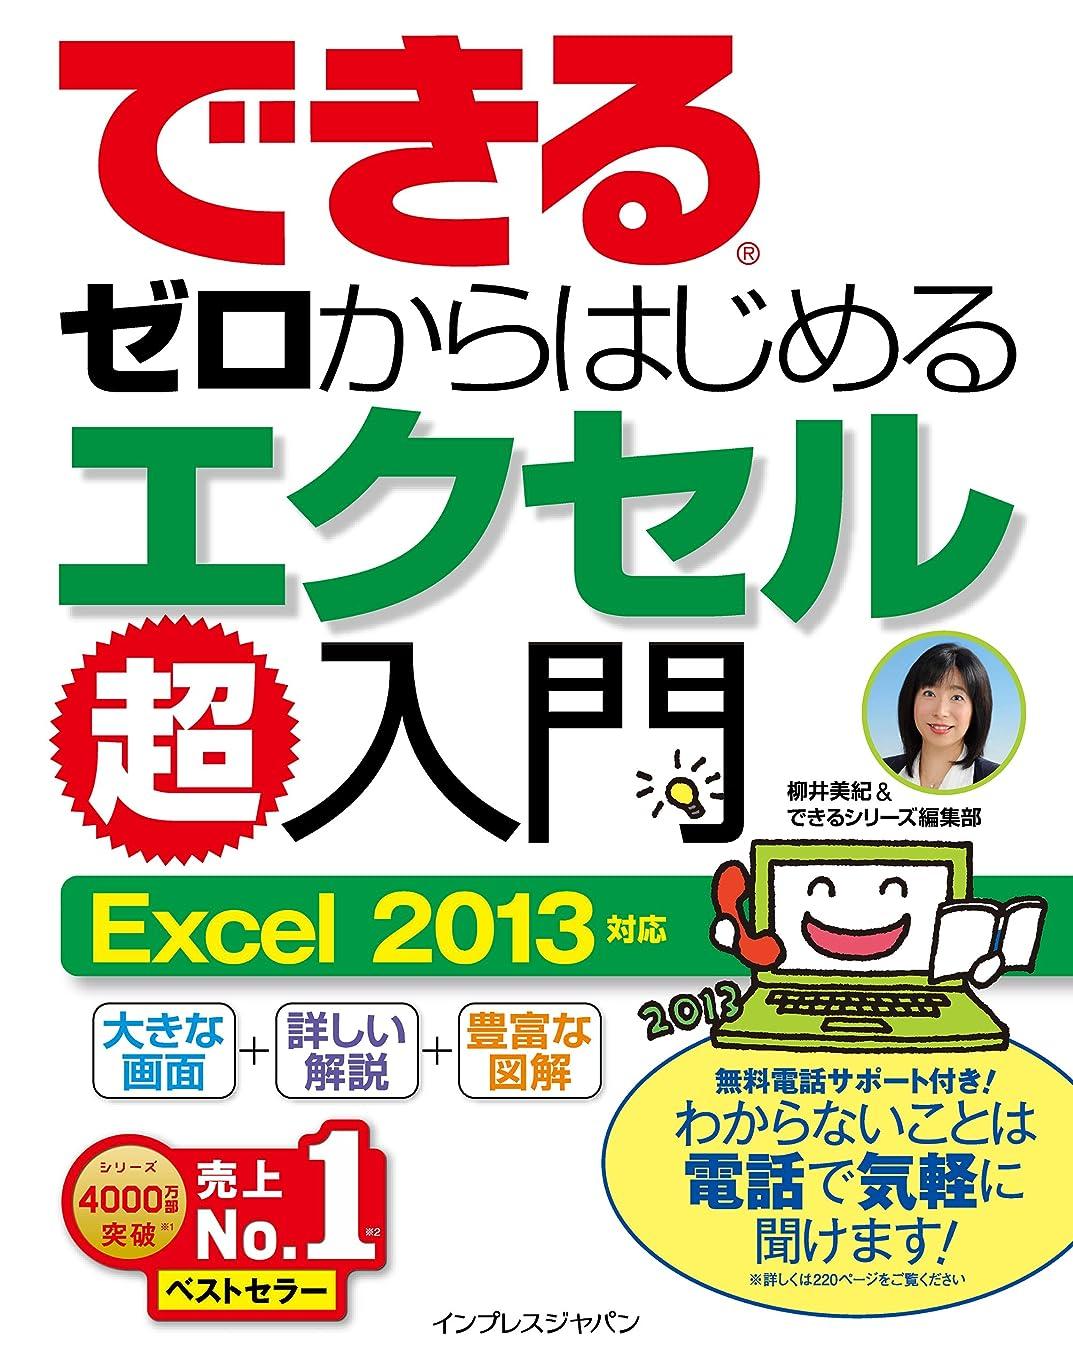 レギュラー召喚する衝動できるゼロからはじめるエクセル超入門 Excel 2013対応 できるシリーズ